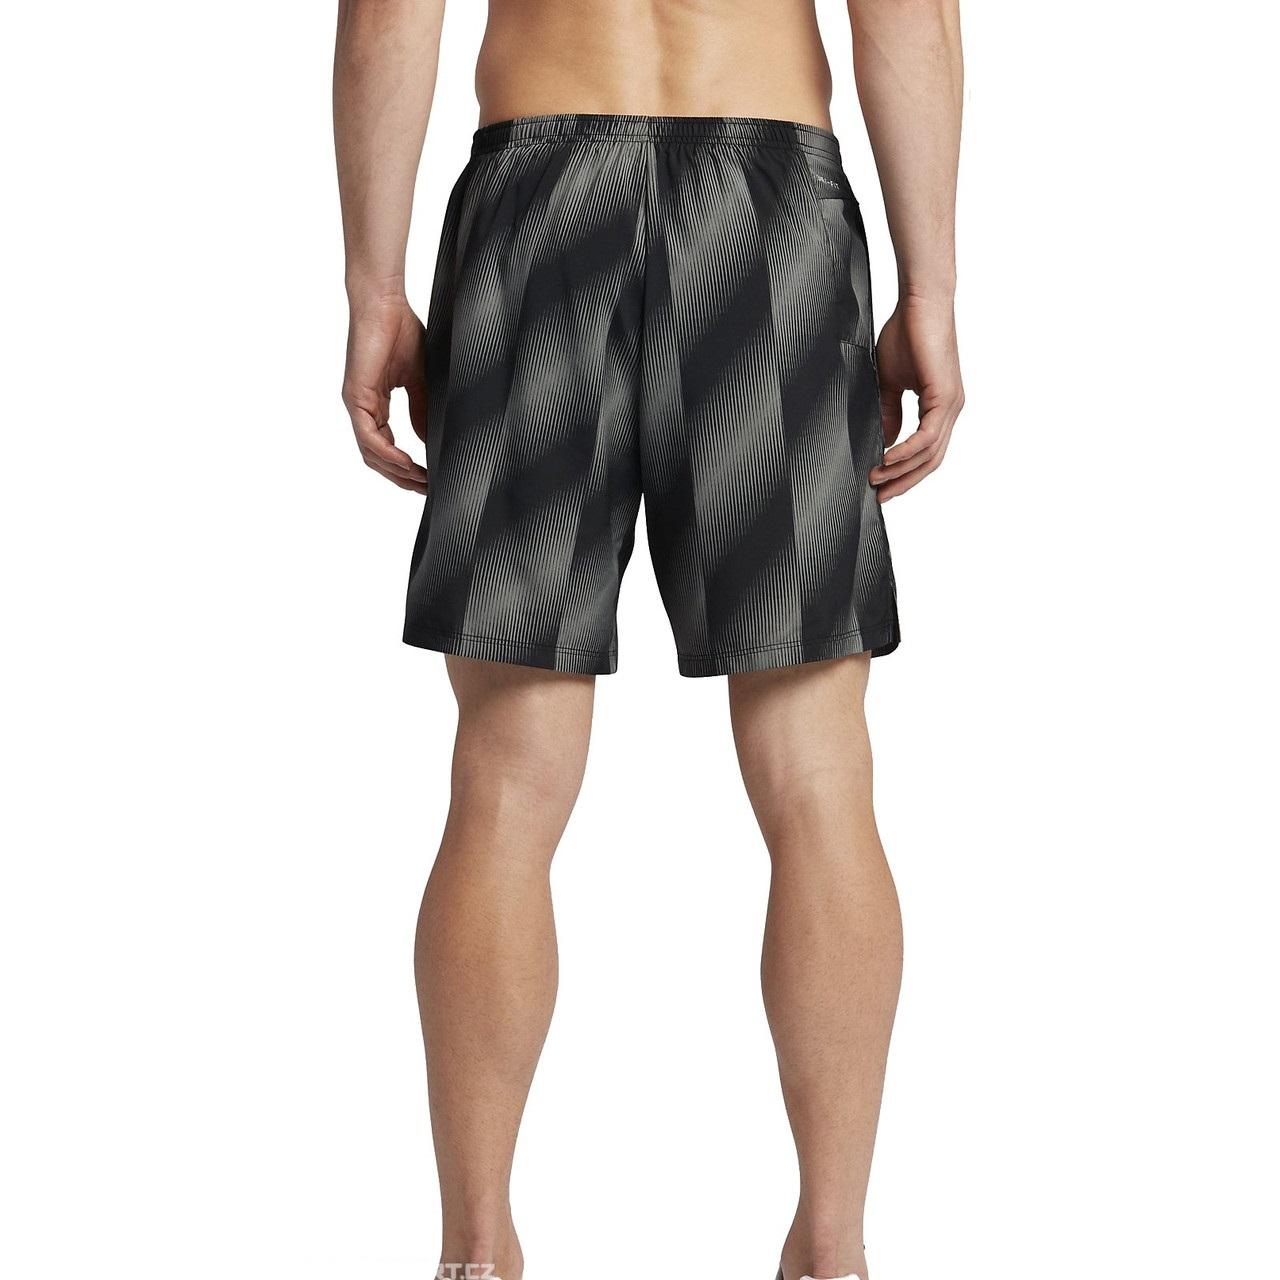 Clothing -  nike Flex 7inch Short